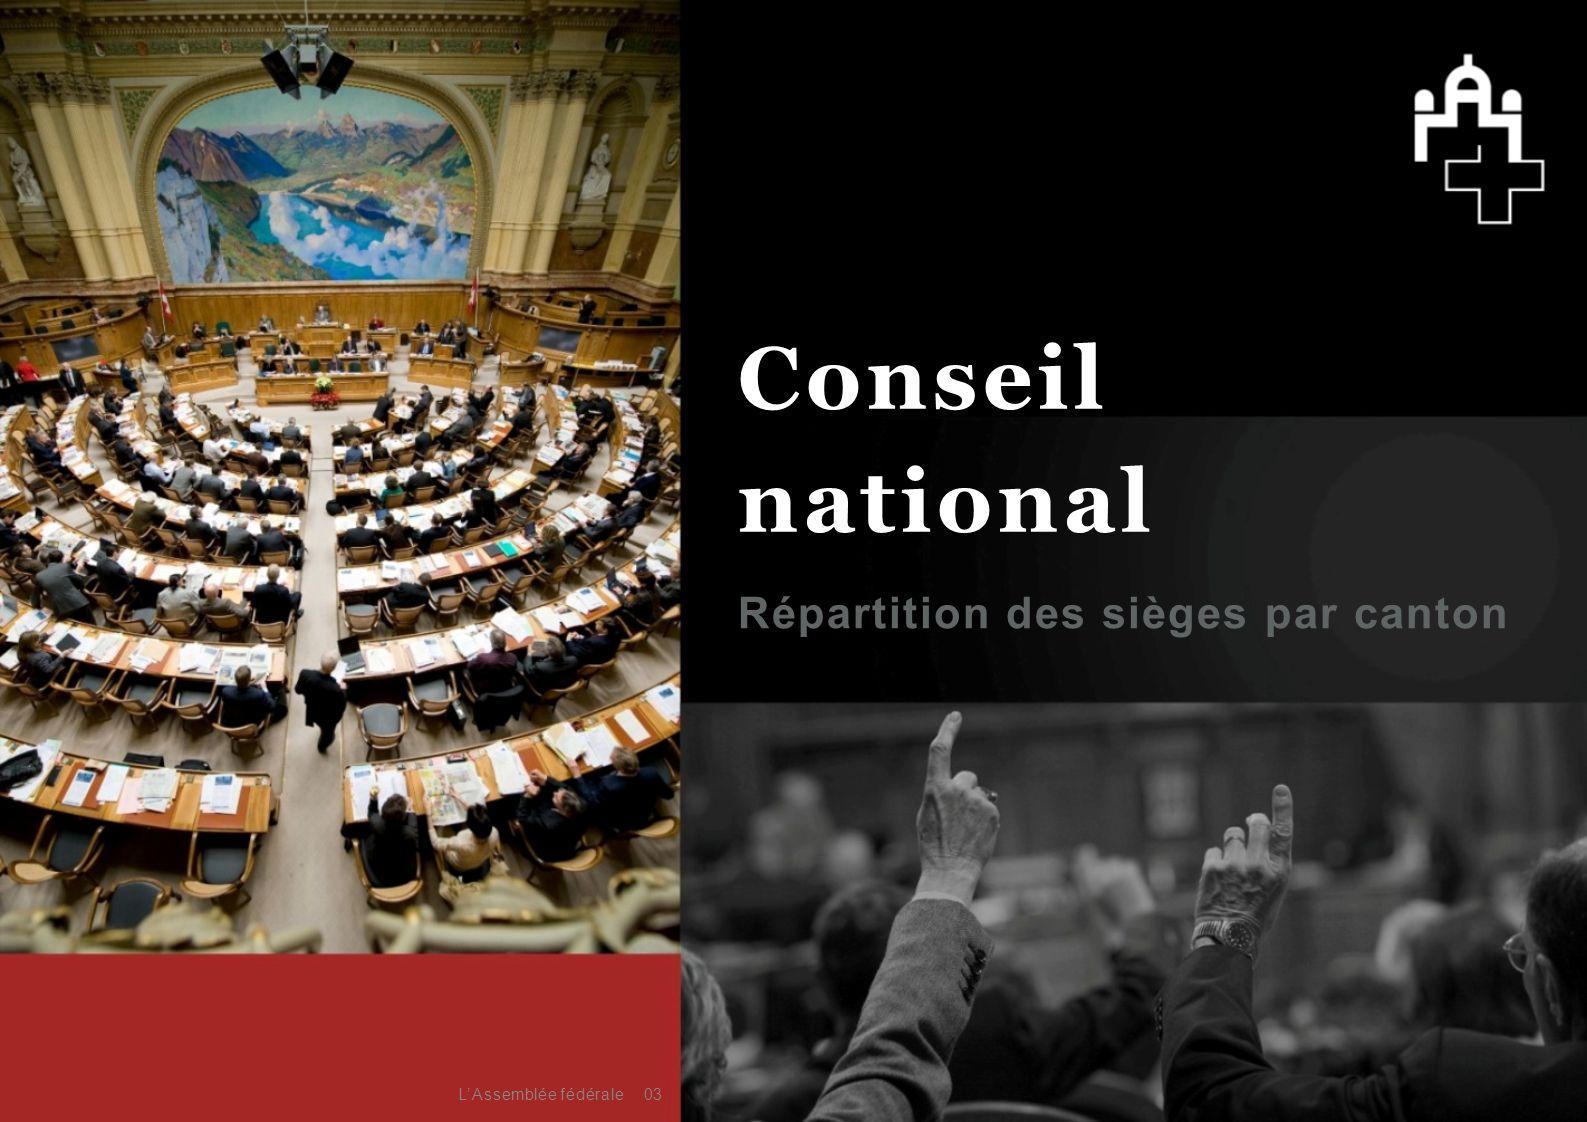 Répartition des sièges par canton L'Assemblée fédérale03 Conseil national